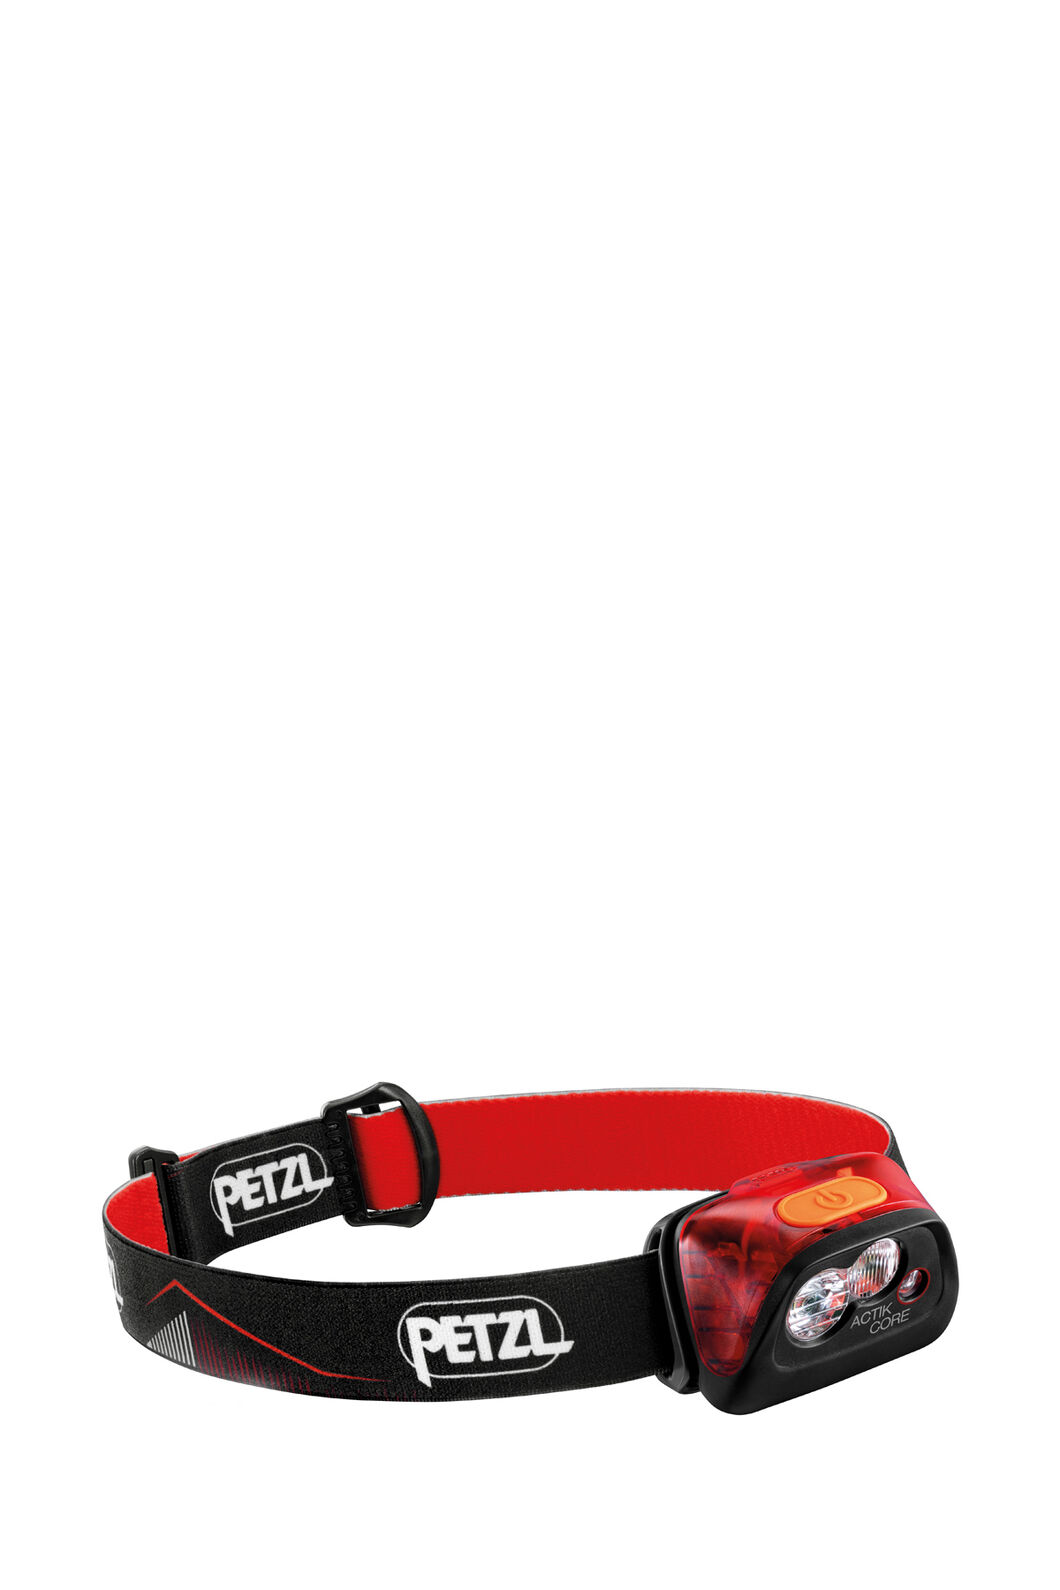 Petzl Actik Core Head Torch, Red, hi-res